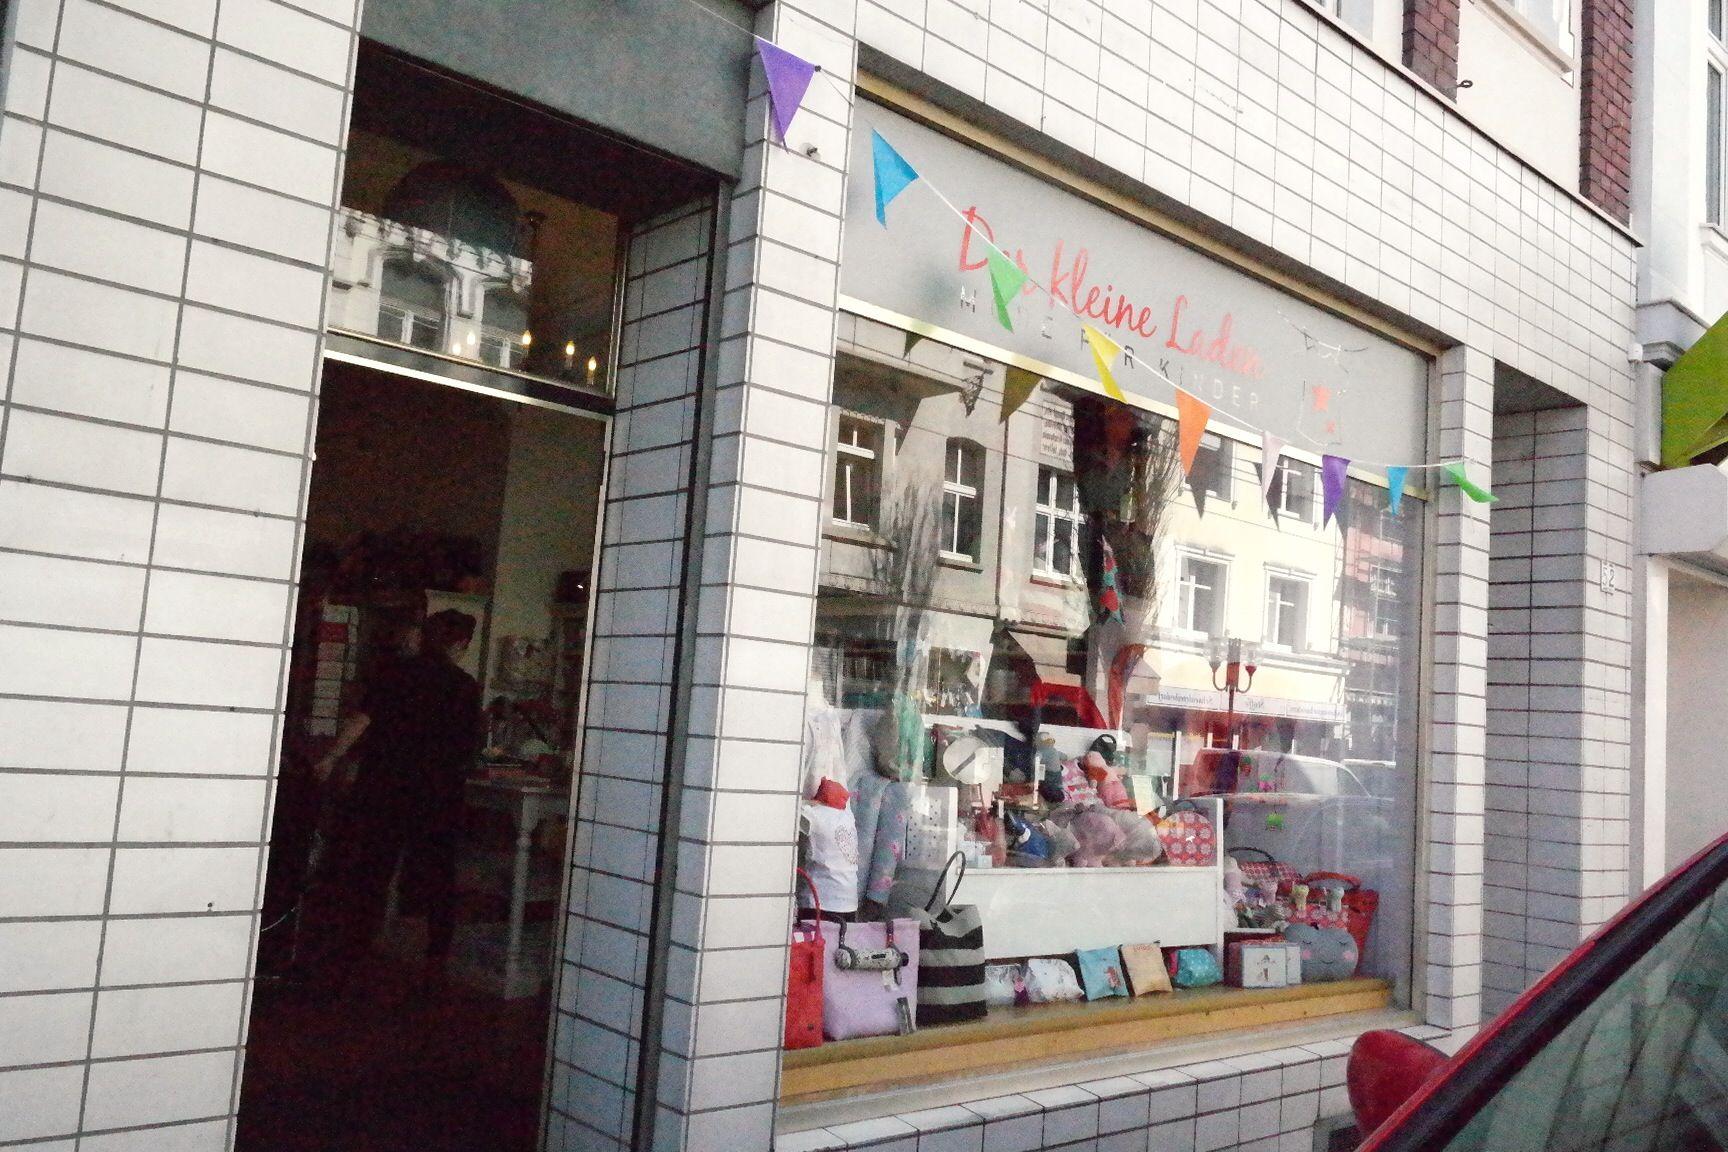 Shops In Bonn Der Kleine Laden Bonn Baby Laden Kinderladen